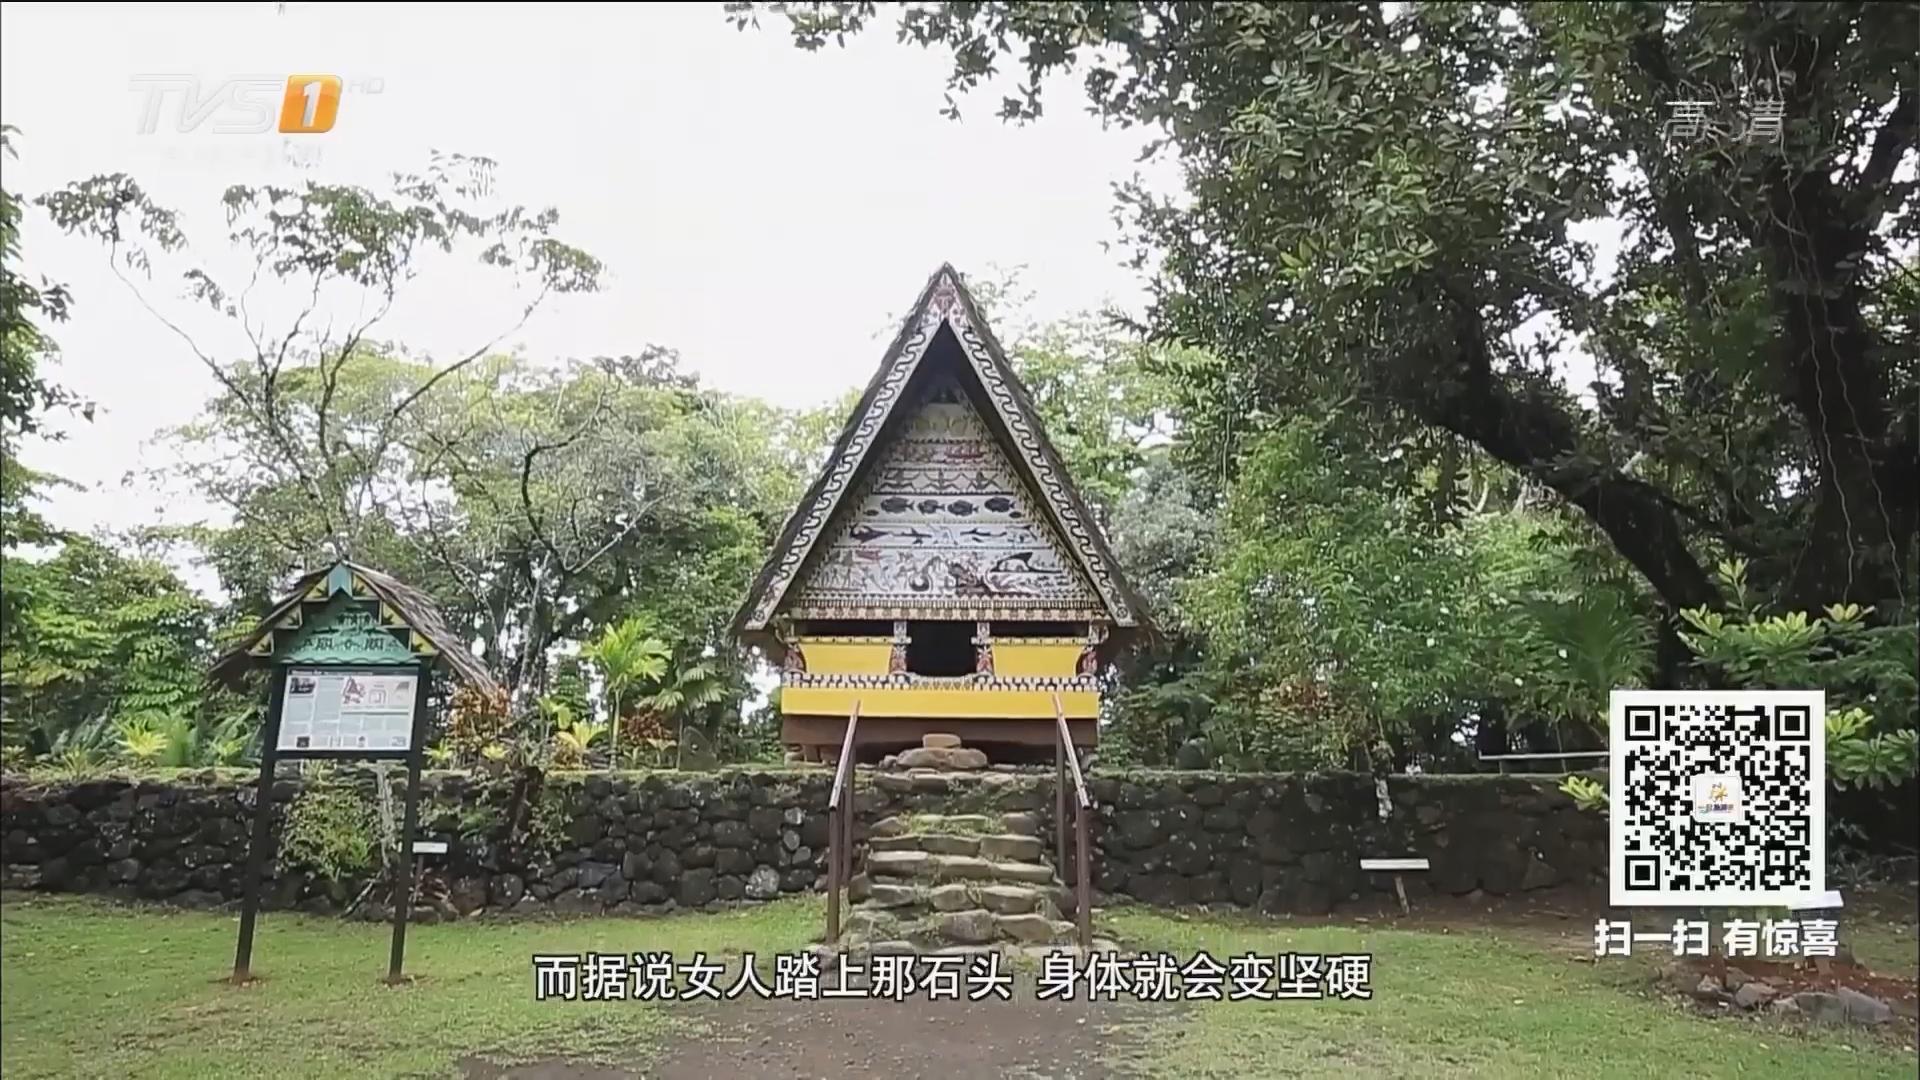 帕劳游——男人会馆